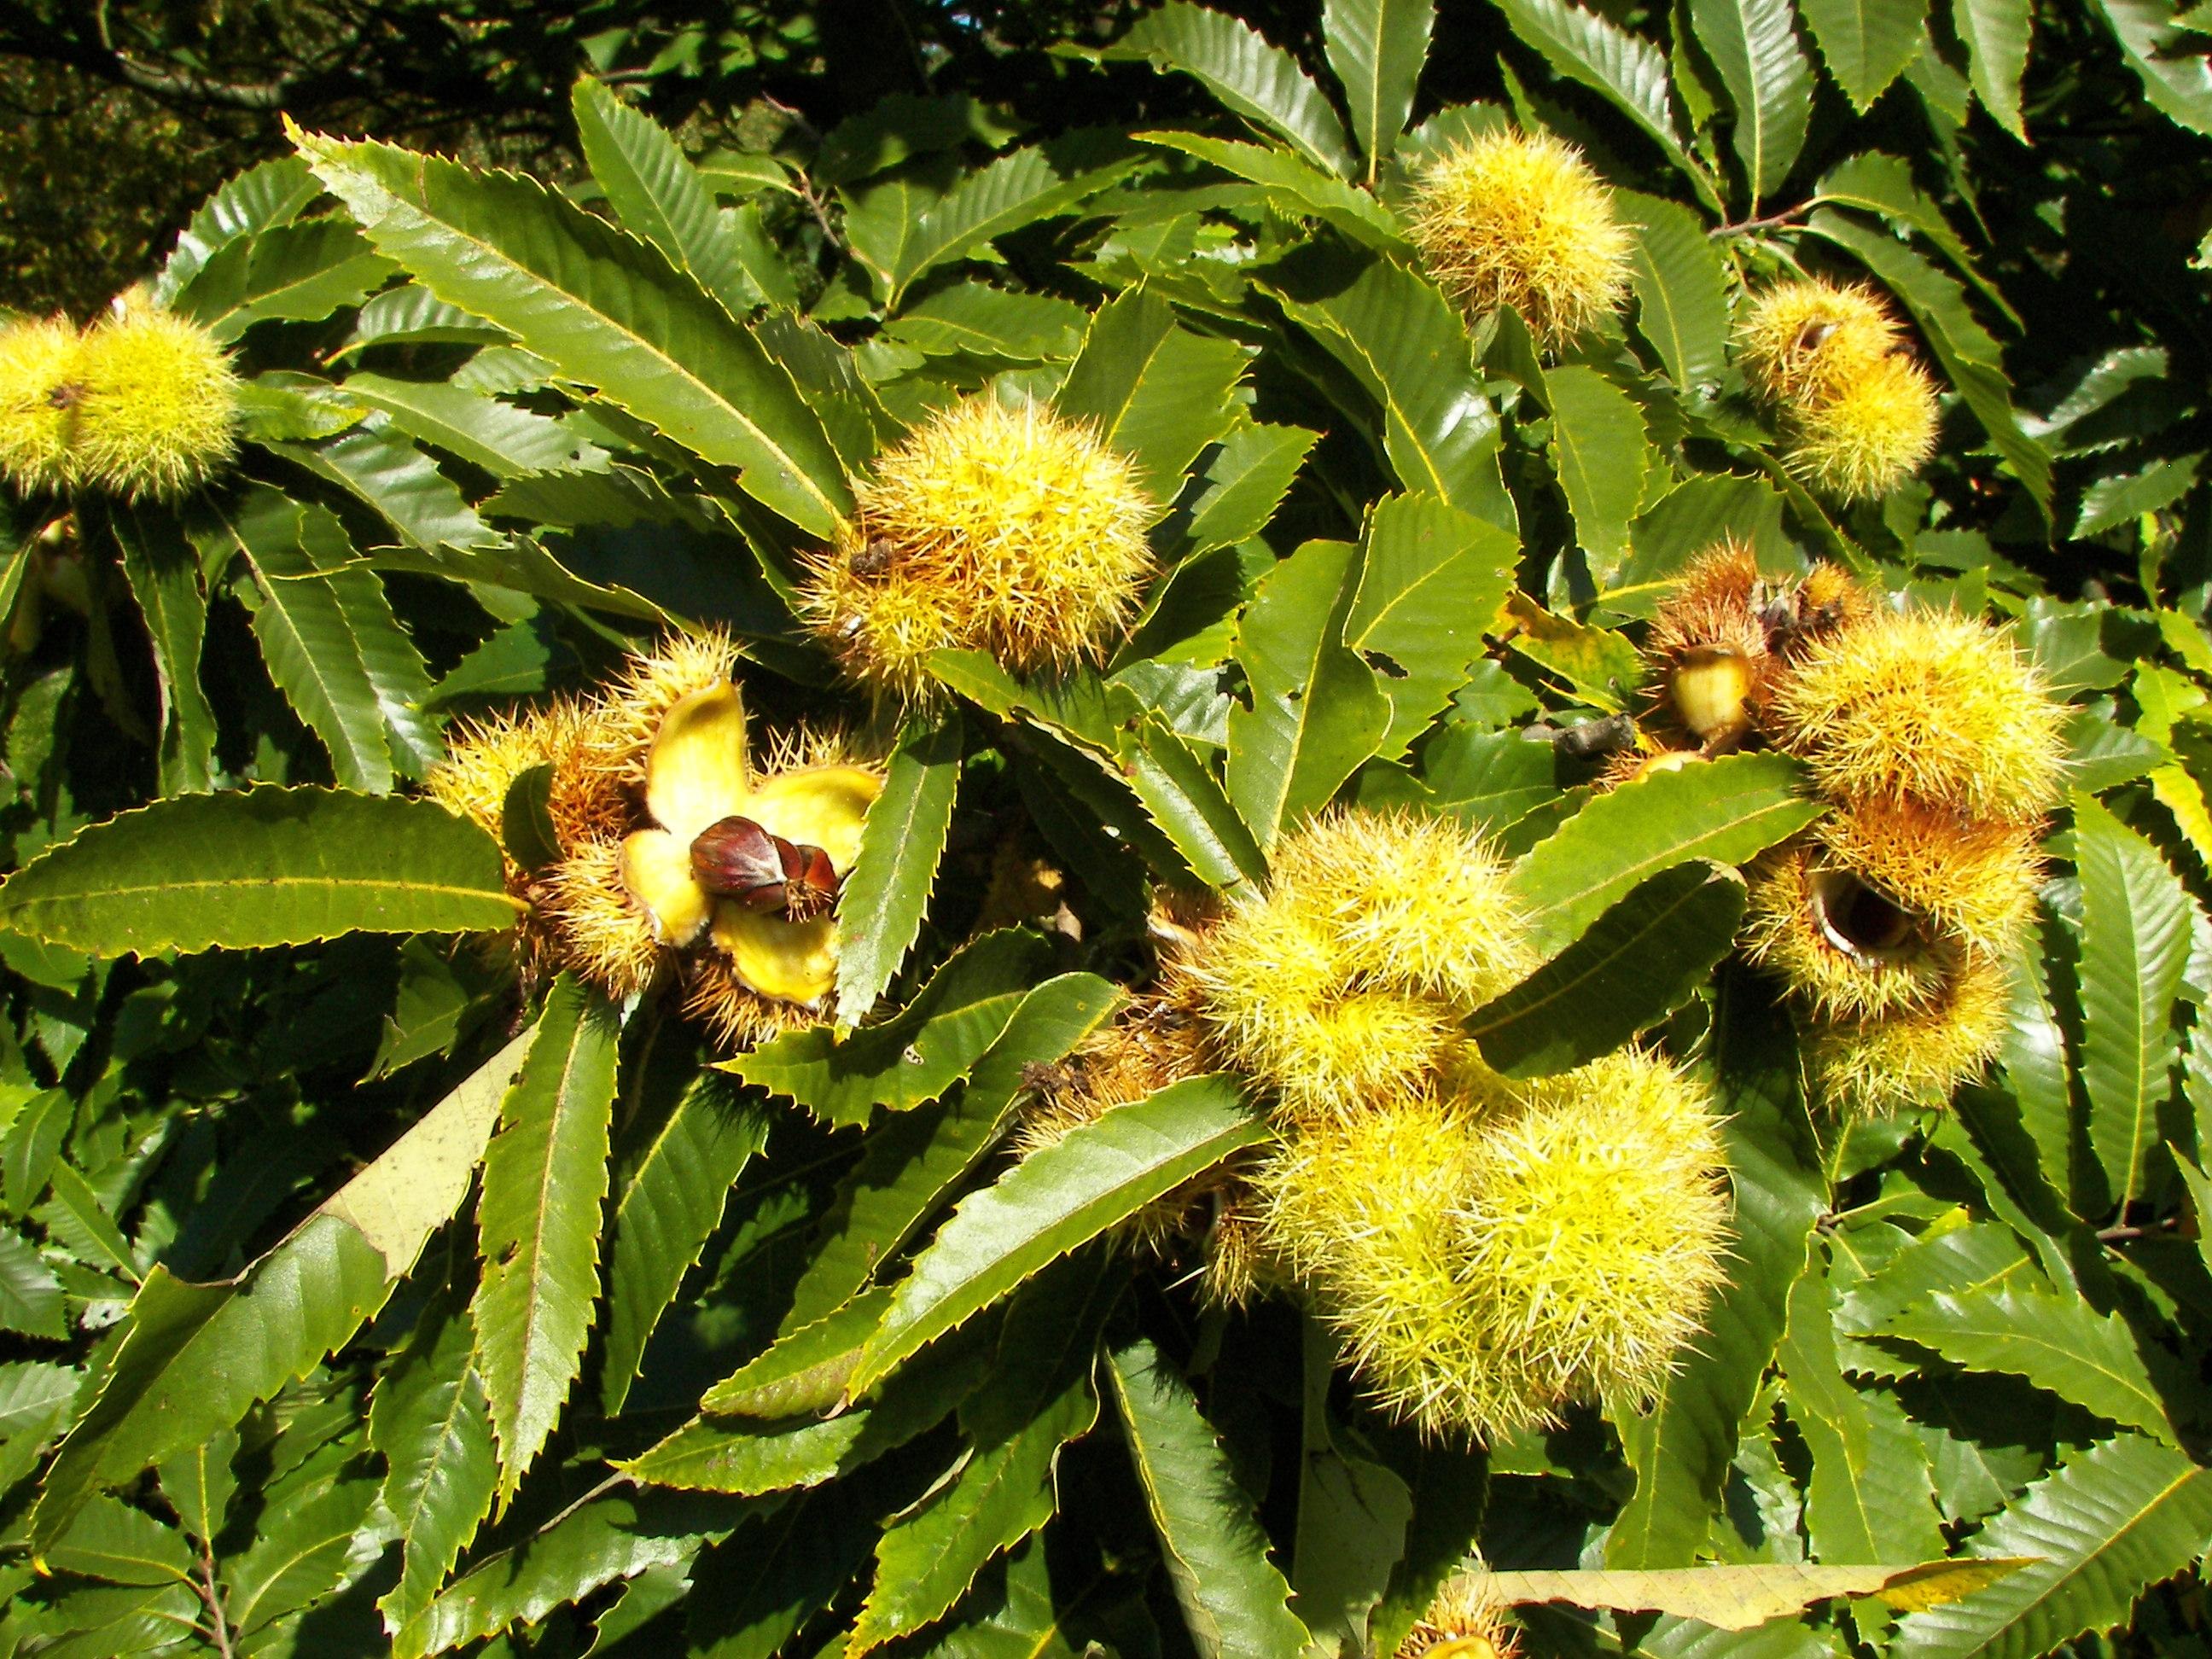 varicoză flori de castan)